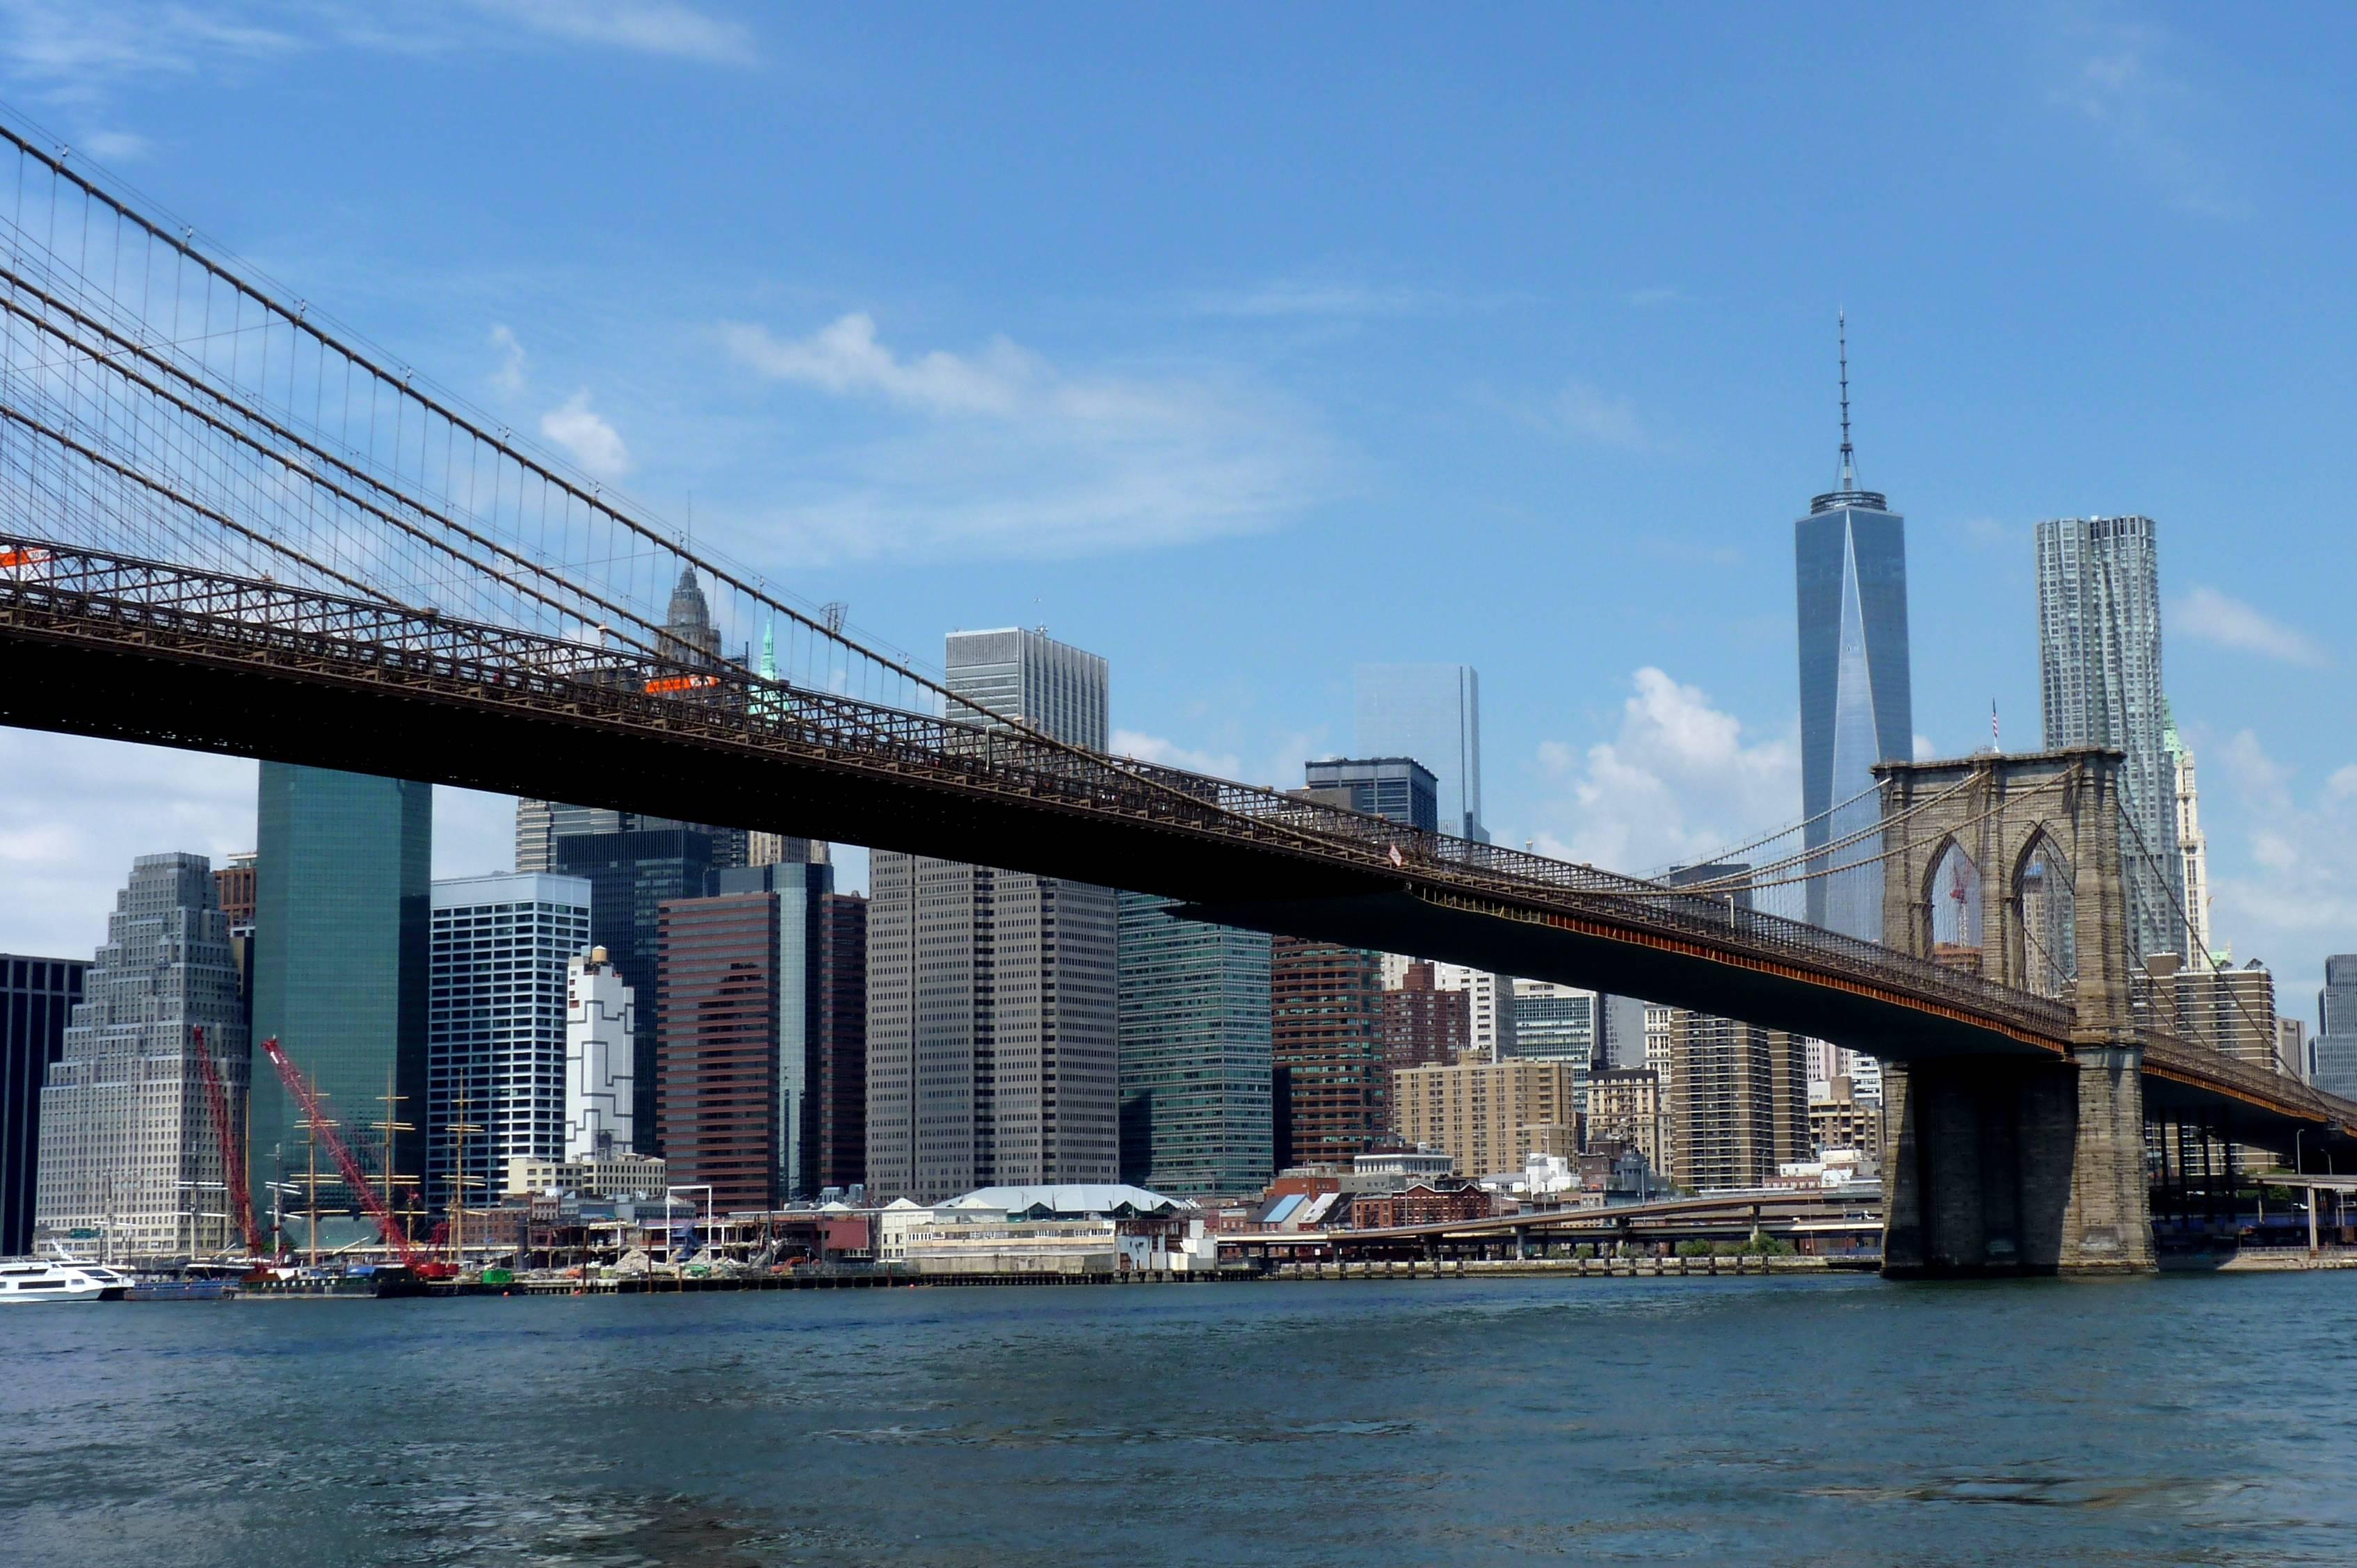 Бруклинский мост (brooklyn bridge) в городе нью-йорке: описание, история, интересные факты